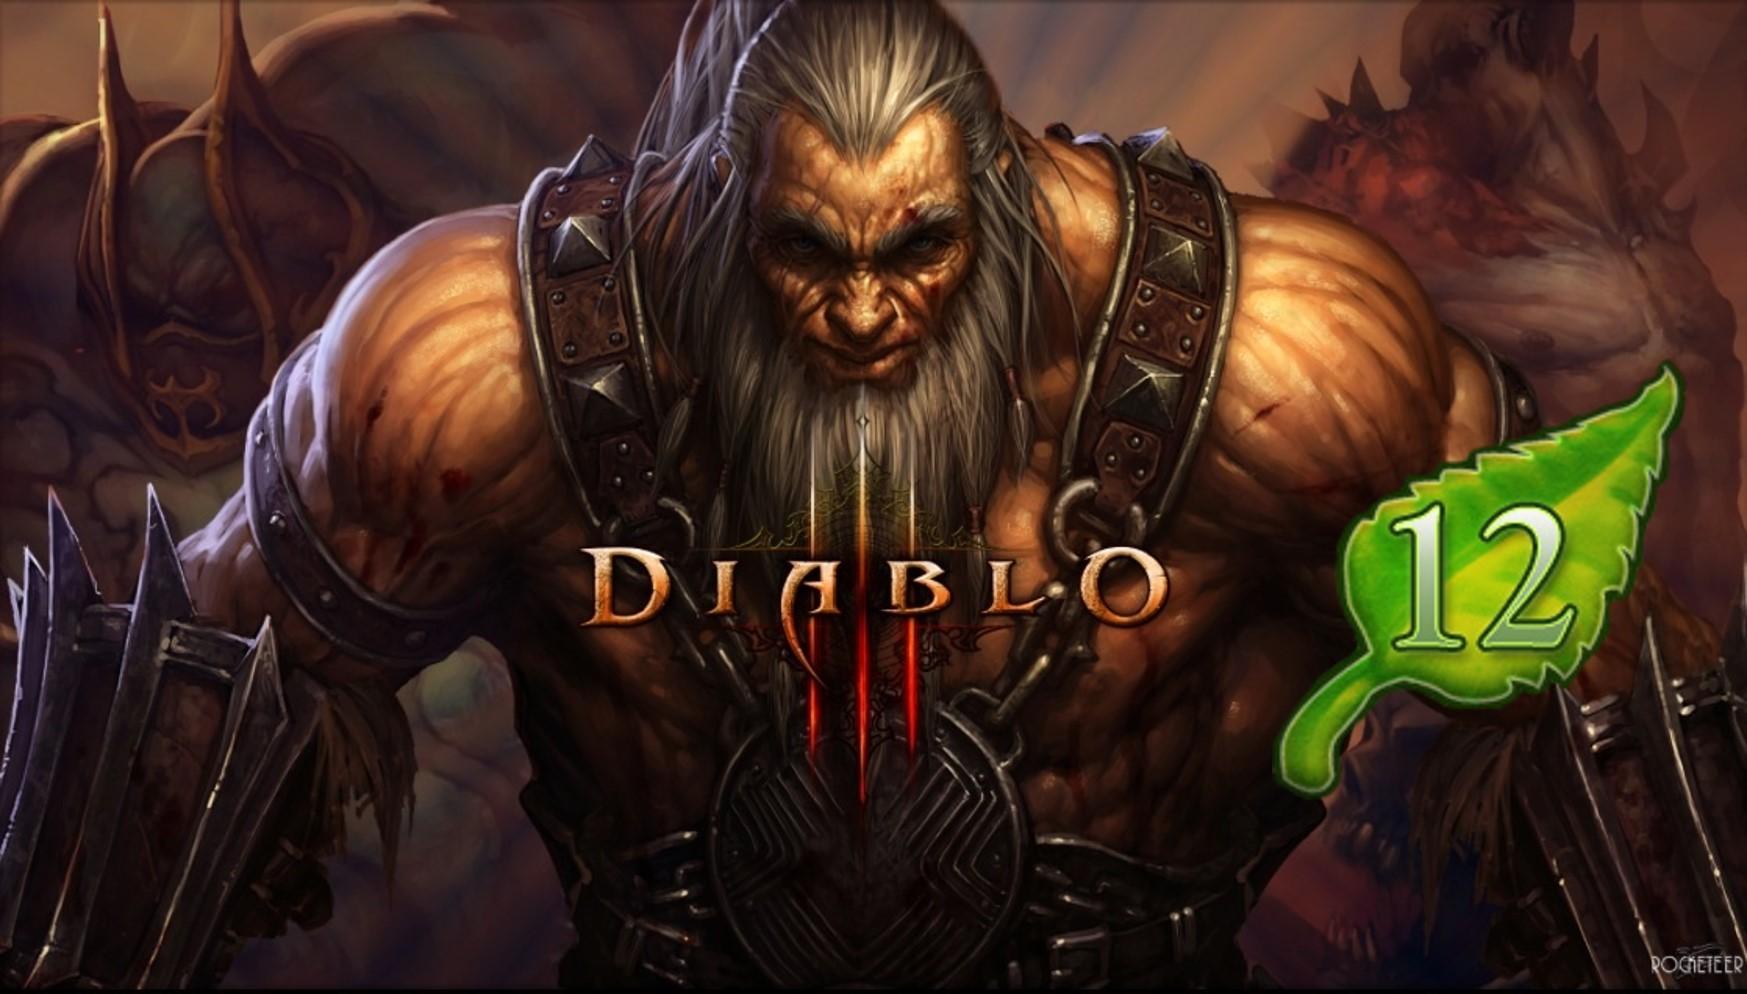 Diablo 3 Season 12 Beste Klassen Beste Builds Tier List Mein MMOde